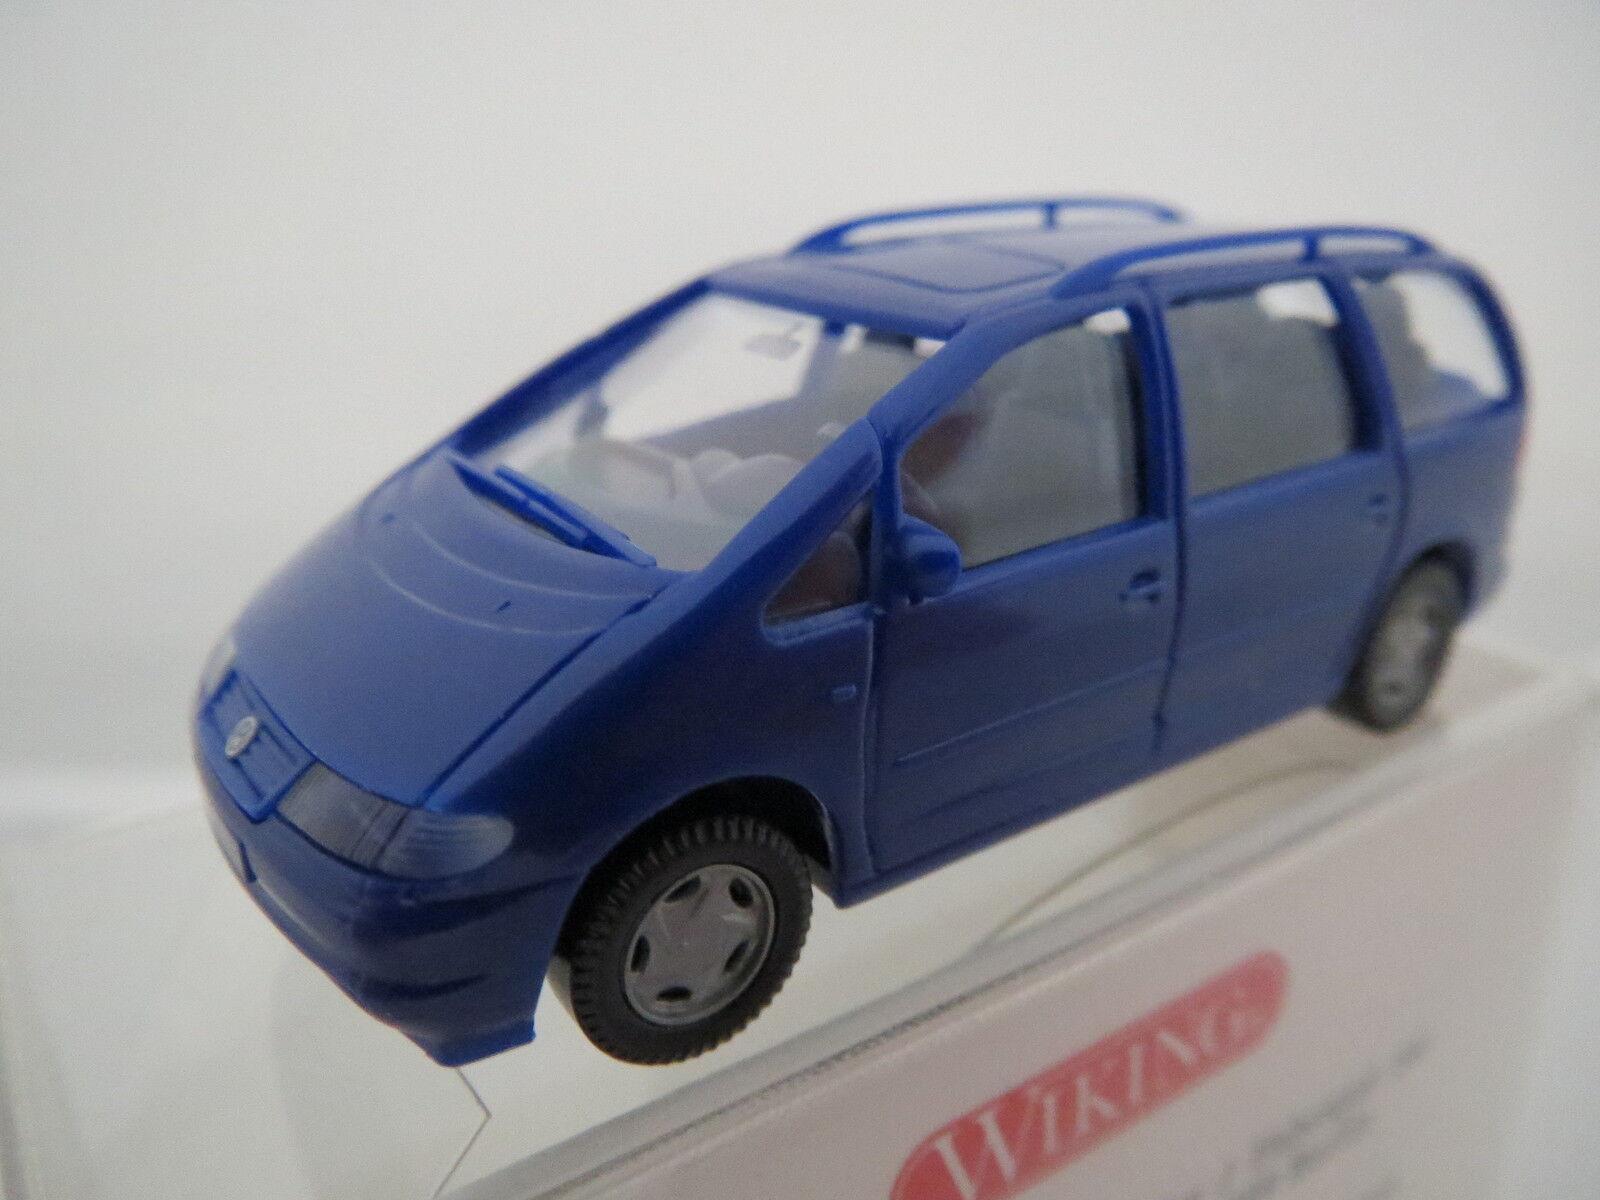 Wiking 2990120 vw sharan, bleu, 1 87, top  OVP